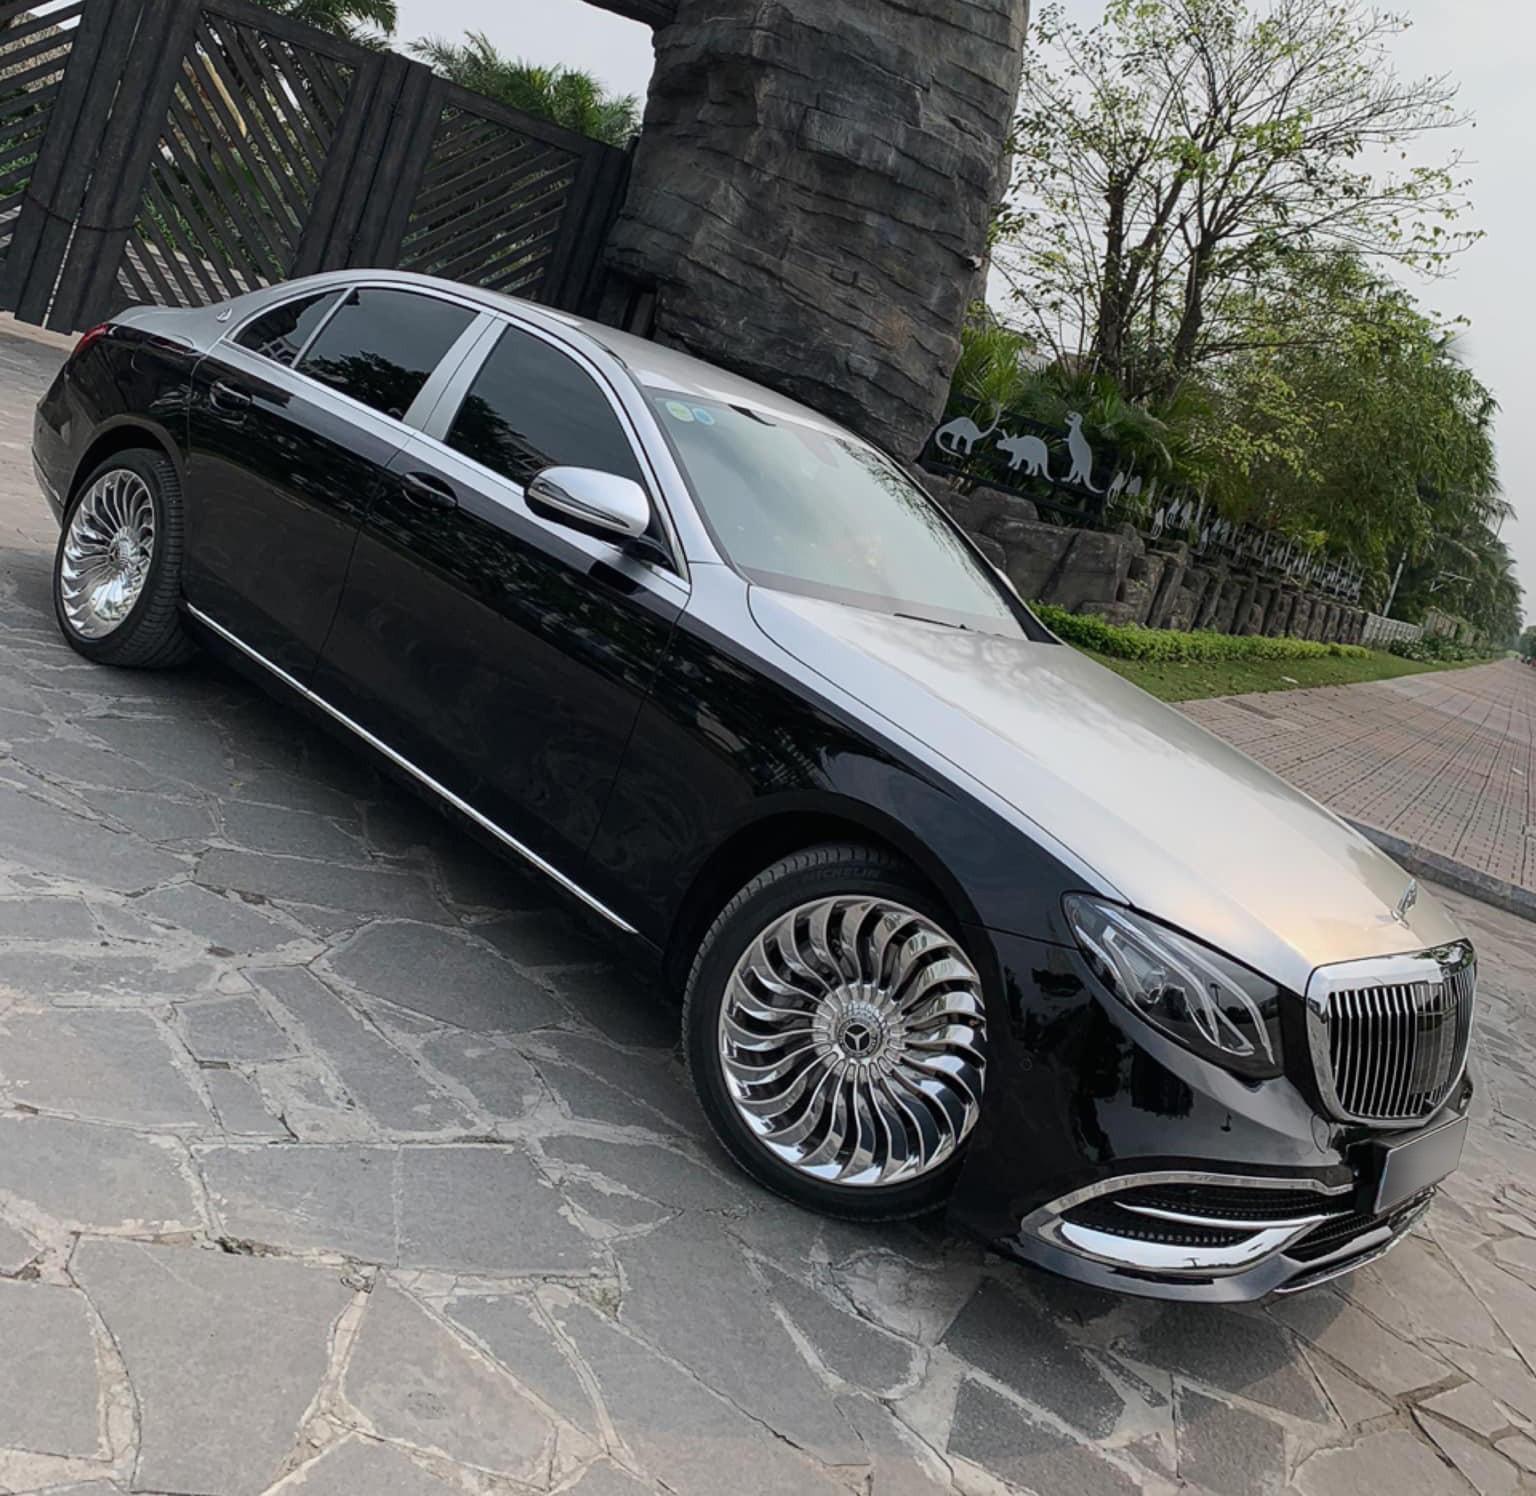 Dân chơi Hà Nội tự mình 'hô biến' Mercedes-Benz E 200 thành S 450 Maybach chỉ với 150 triệu đồng Ảnh 4